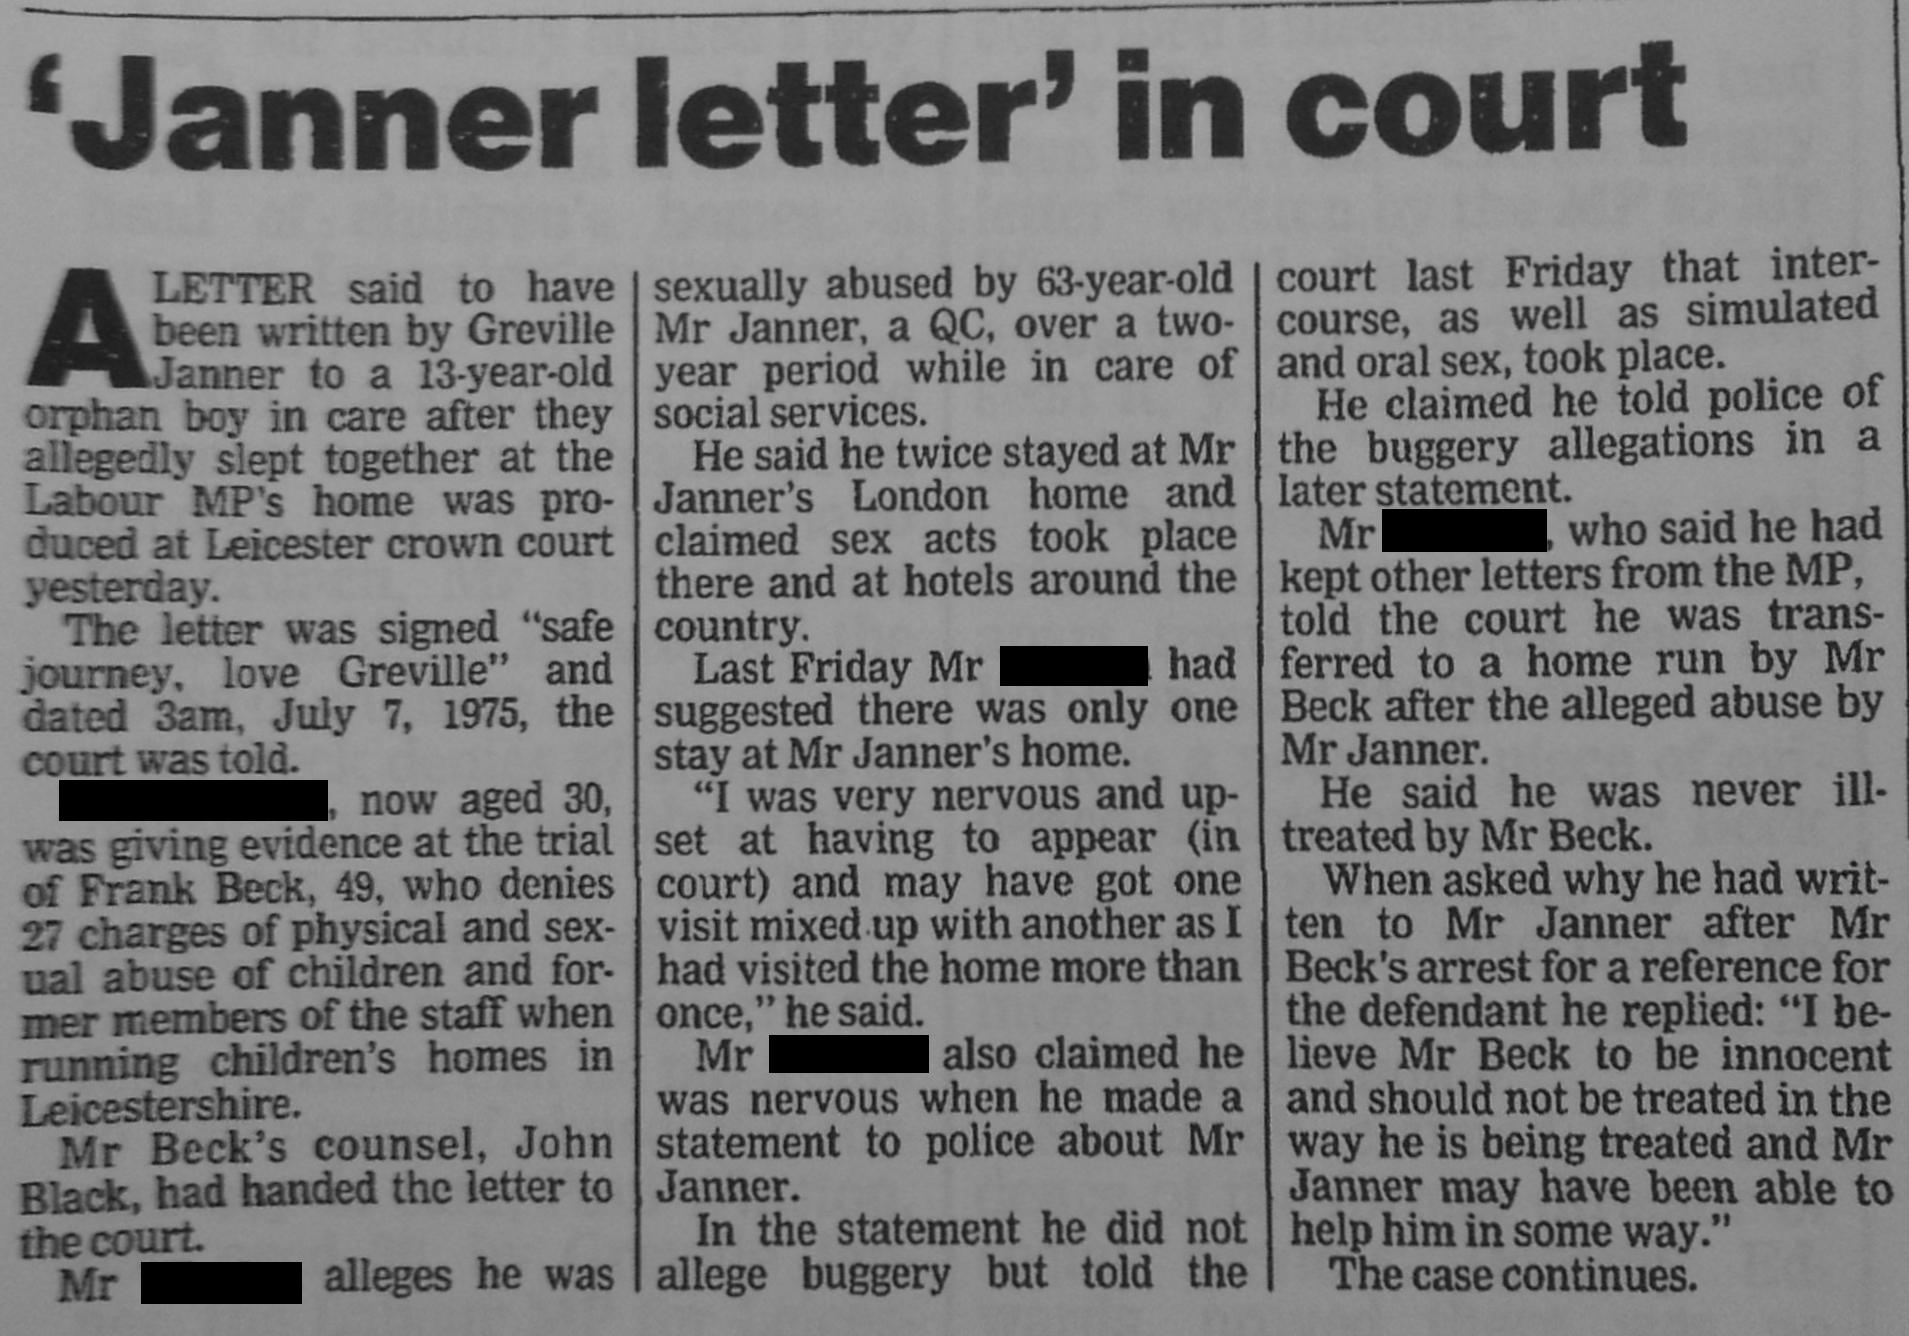 Graville Jenner letter in court